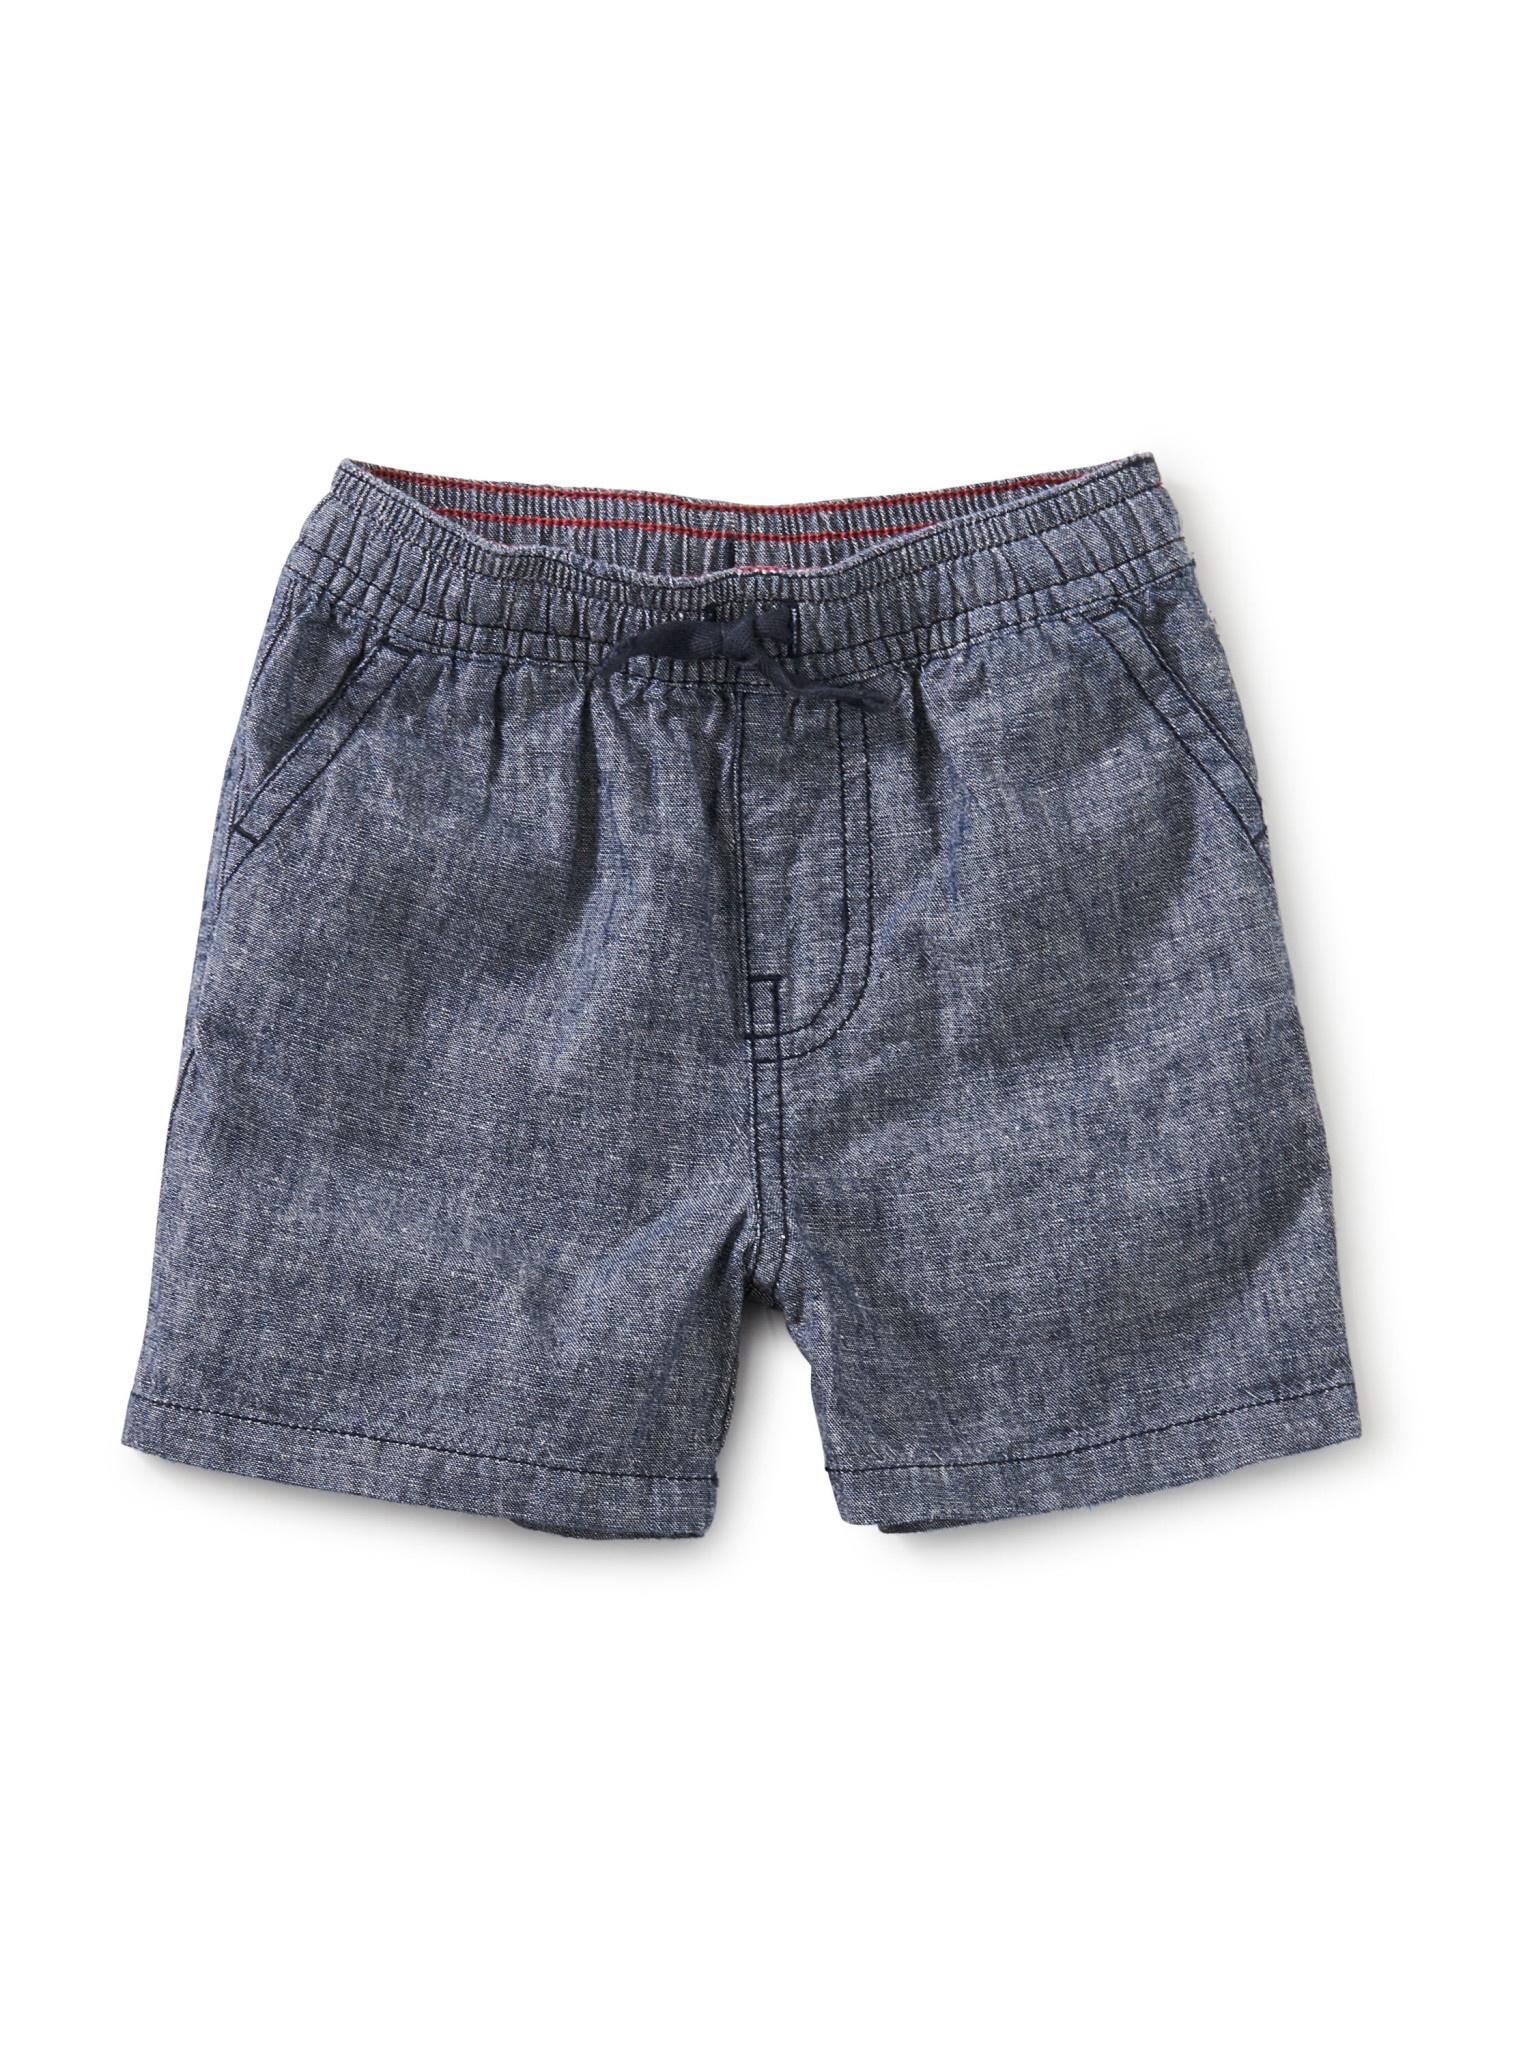 Tea Collection Chambray Discovery Baby Shorts- Indigo